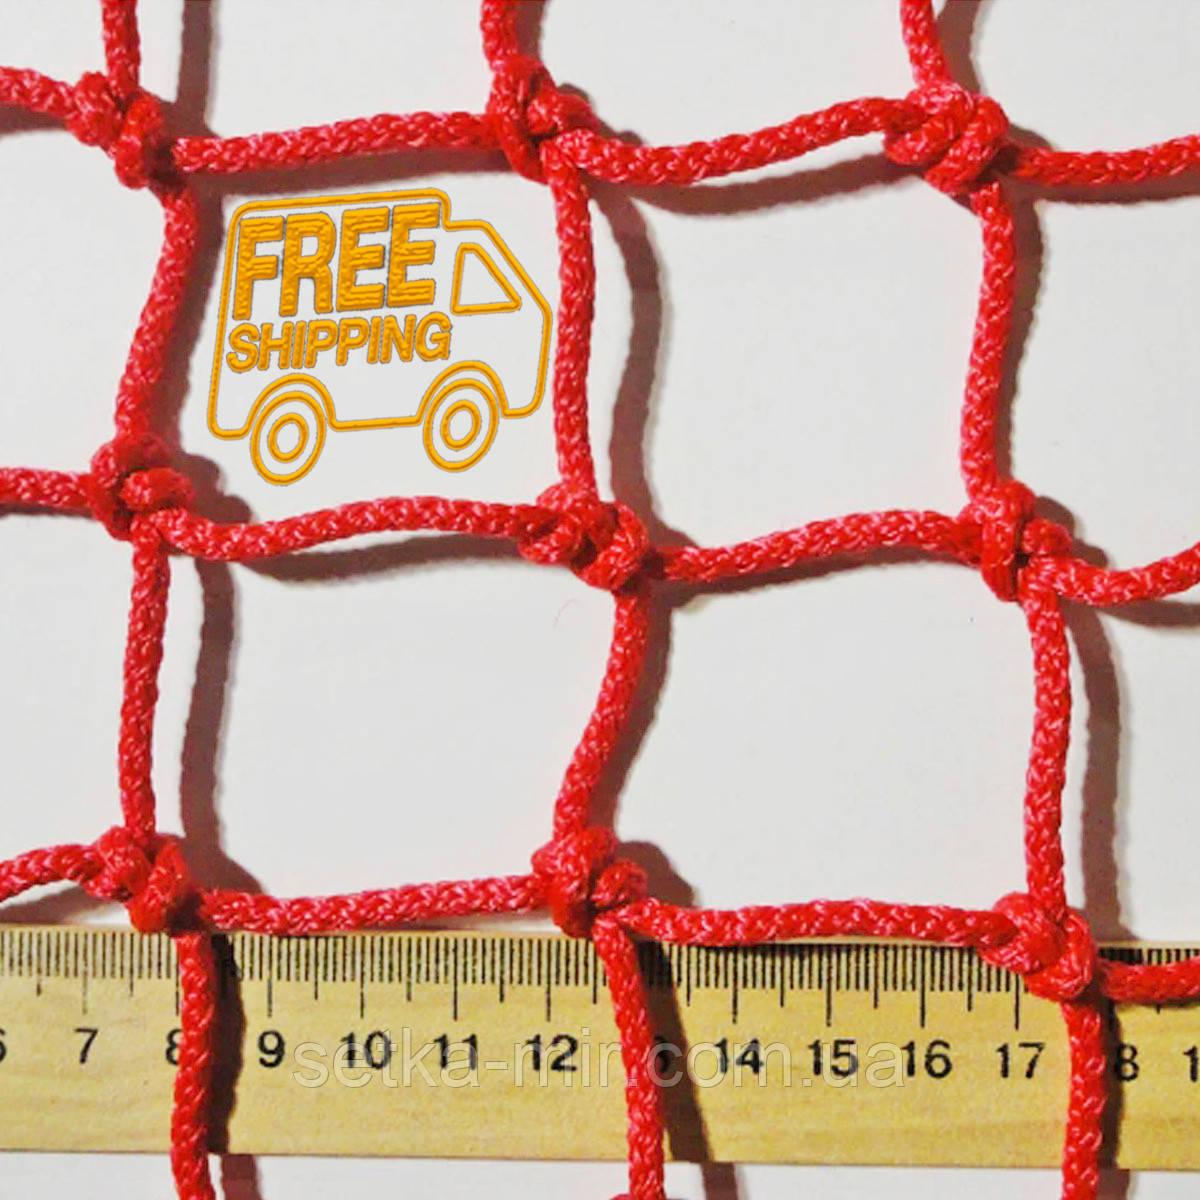 Сетка заградительная D 3,5 мм. 4,5 см. ячейка оградительная, для спортзалов, стадионов, спортплощадок.